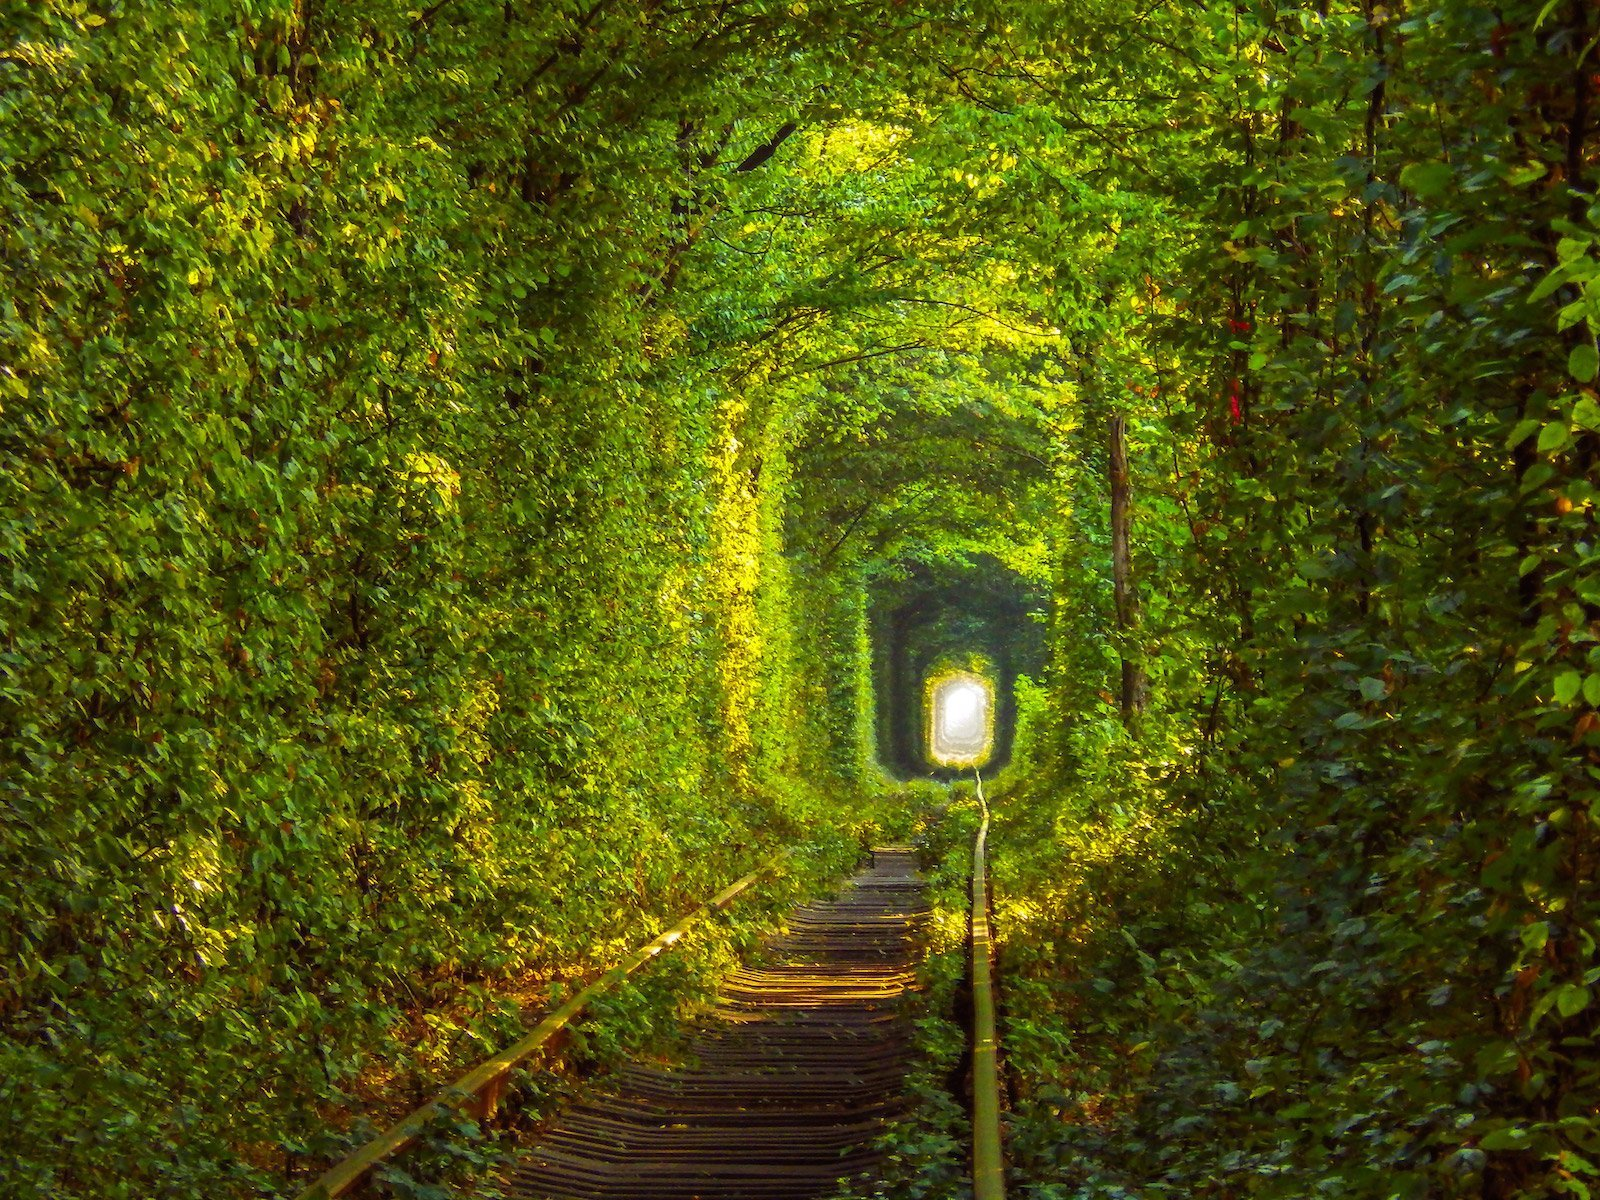 Тоннель любви, Клевань, Украина красивые места, мир, природа, путешествия, сказка